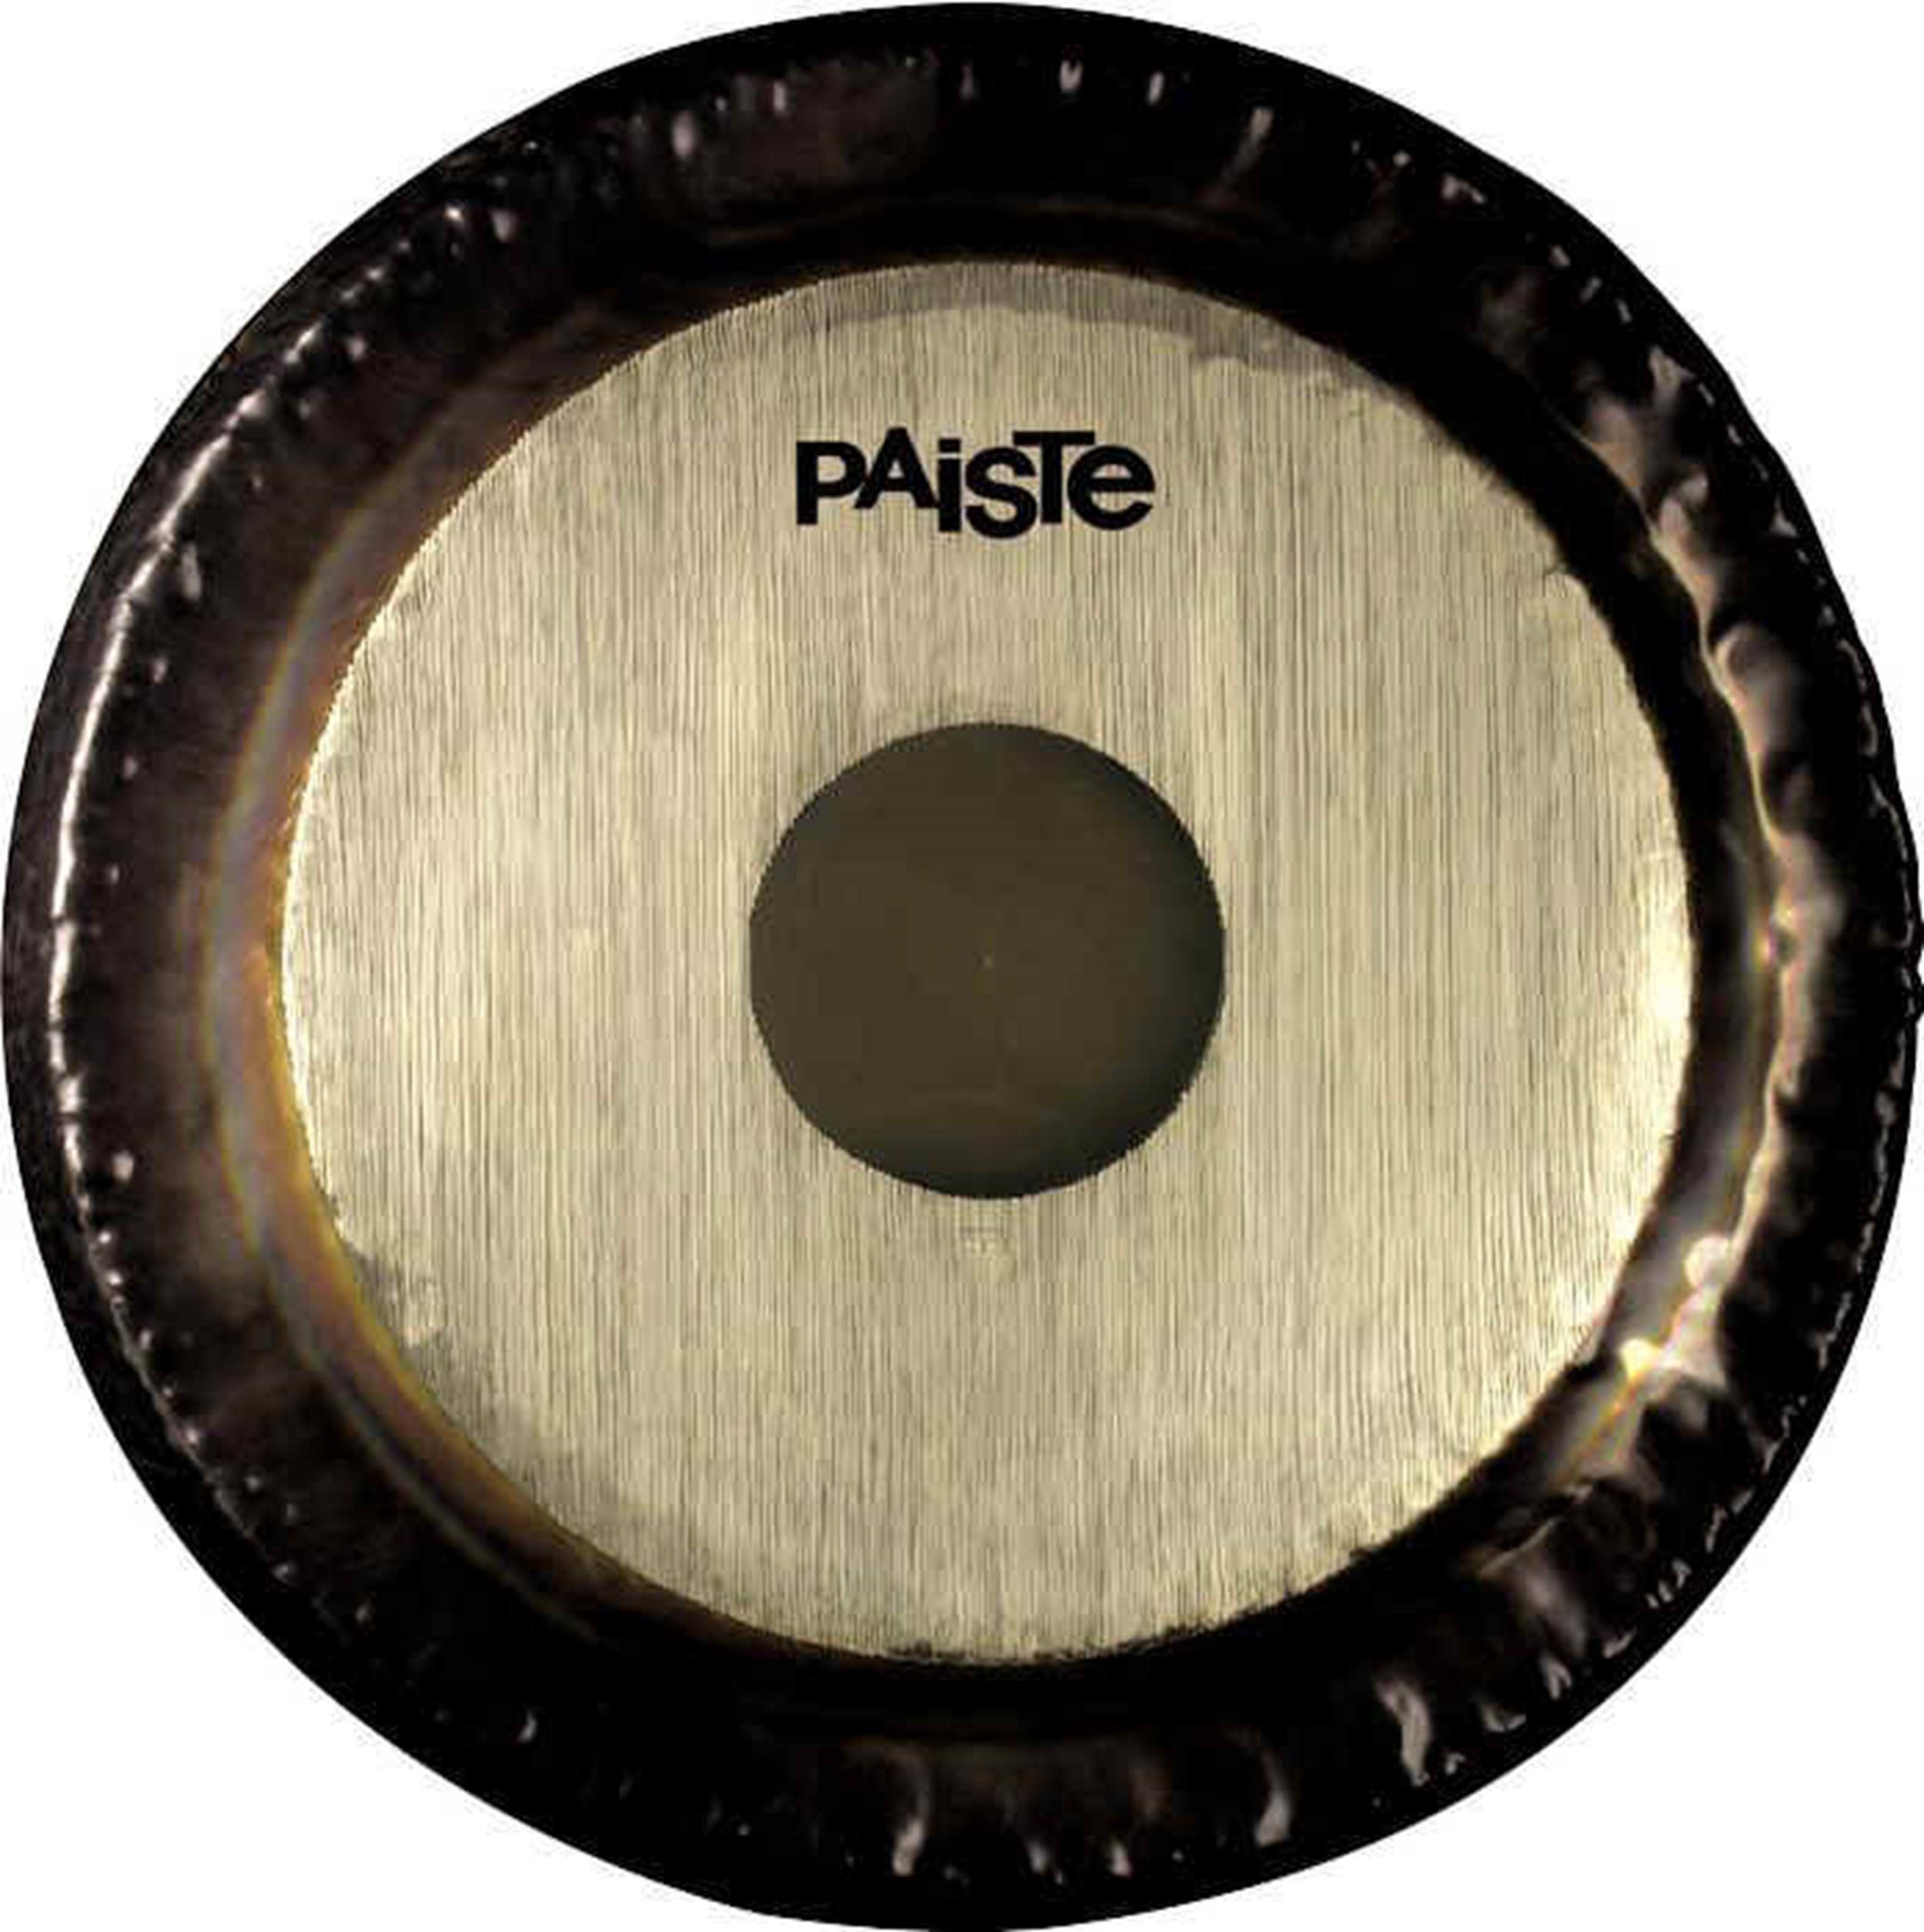 PAISTE GONG38 - Paiste Symphonic Gong 38